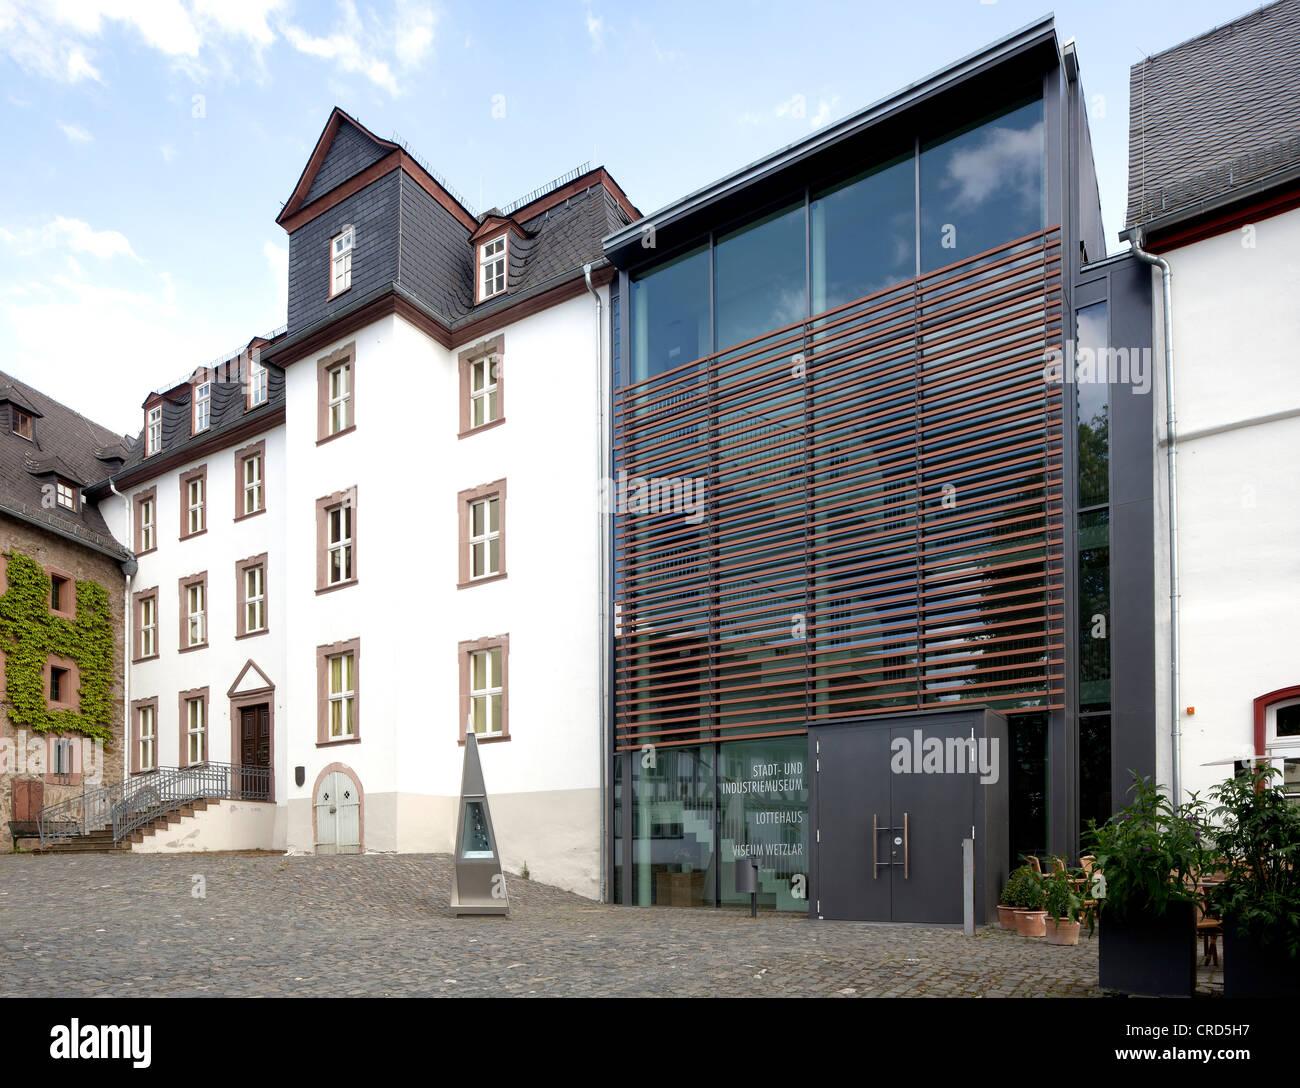 Stadt-Und Industriemuseum, Stadt und Industrie Museum, Wetzlar, Hessen, Deutschland, Europa, PublicGround Stockbild